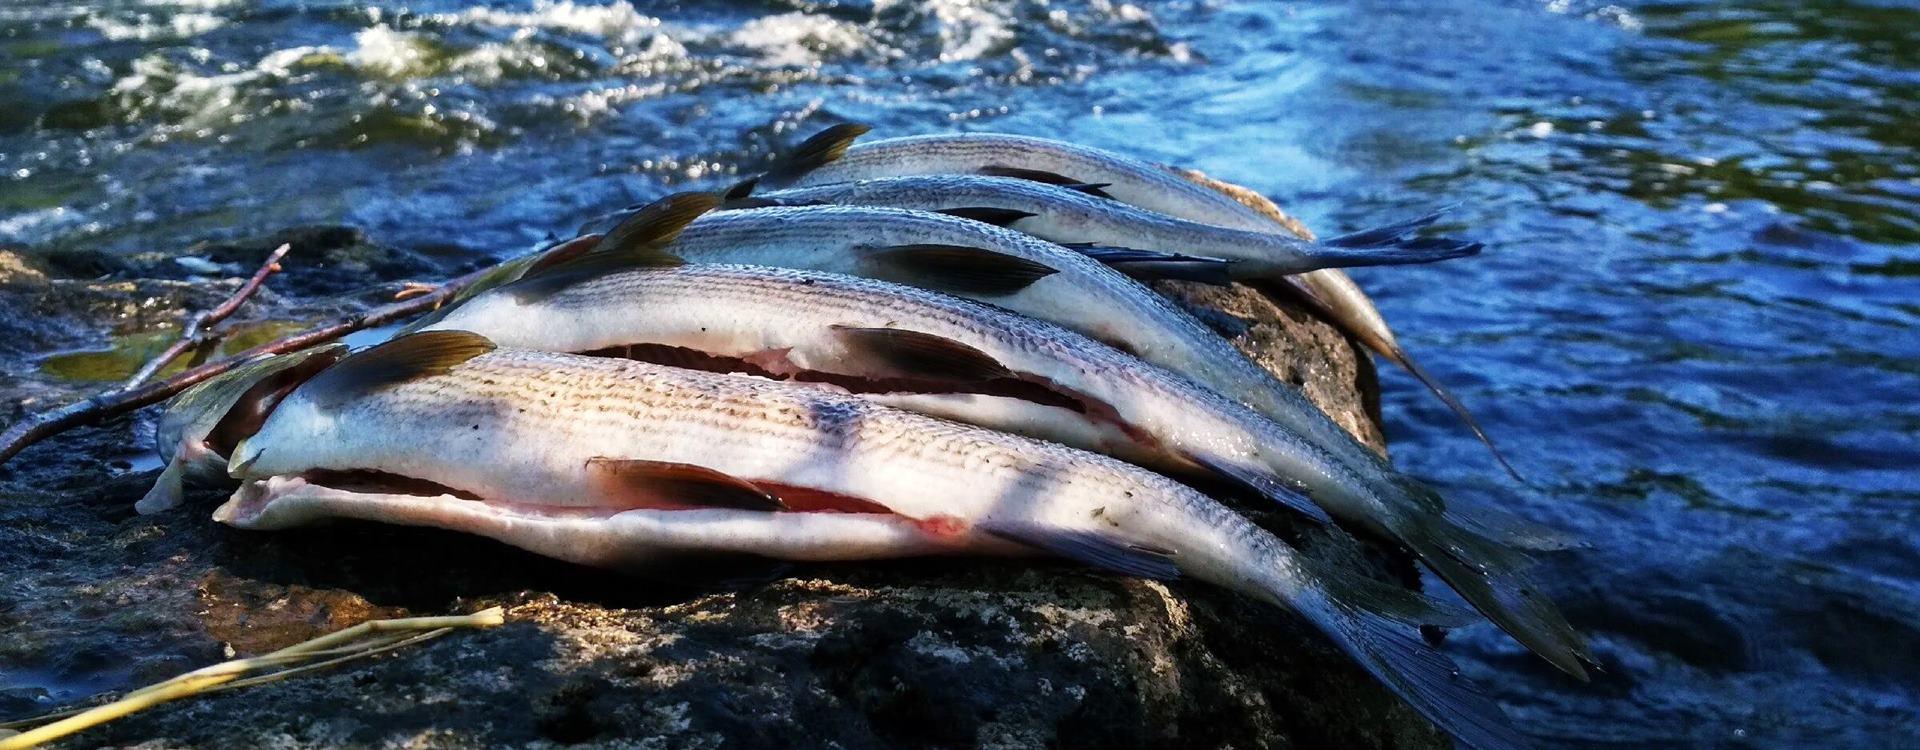 Какая рыба водится в озерах Карелии